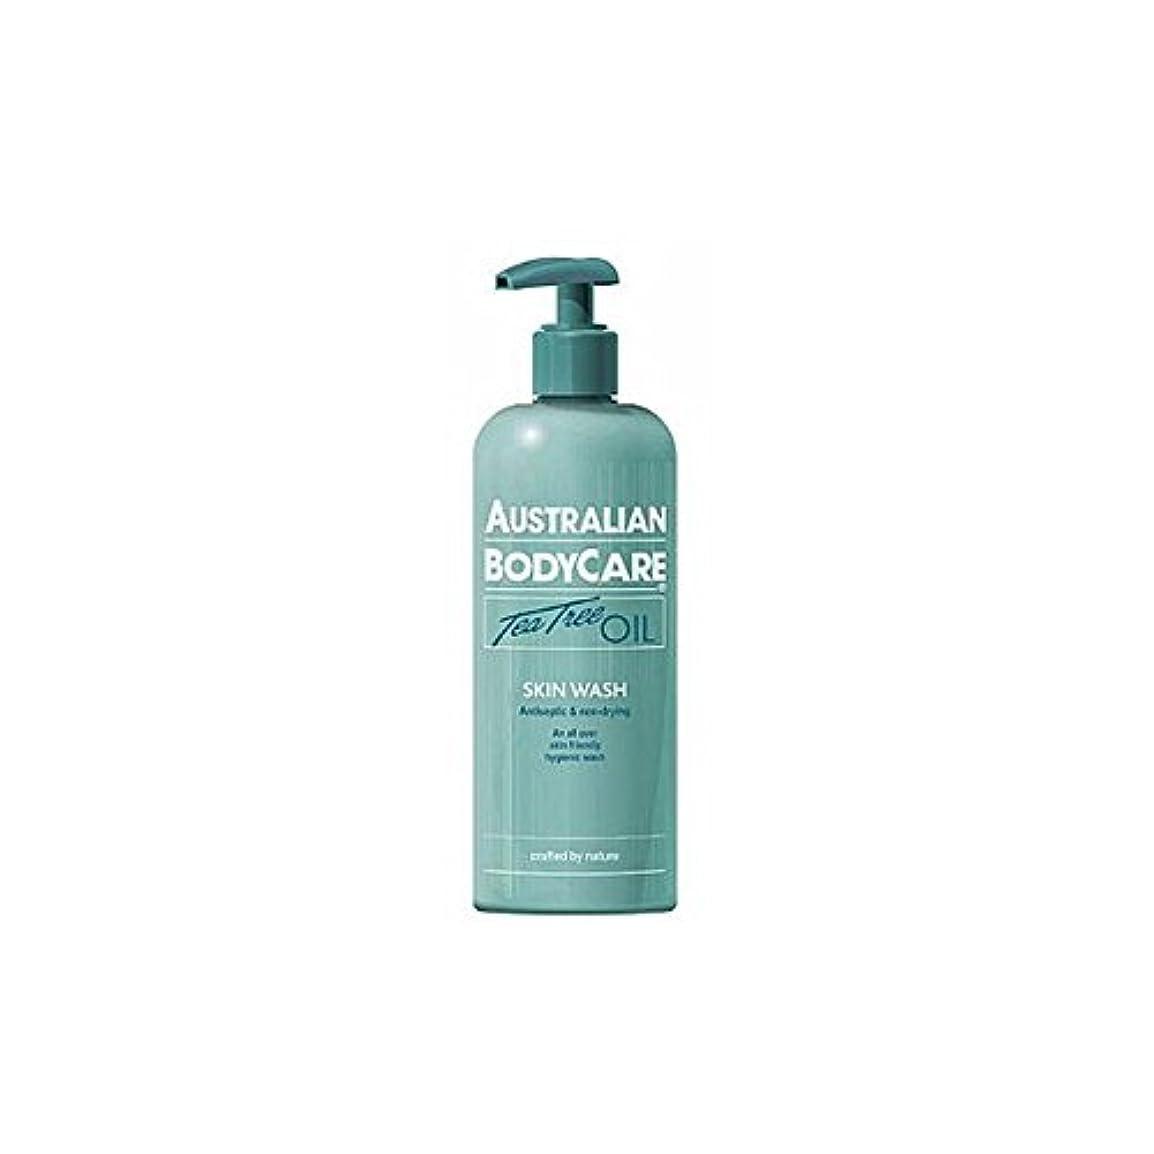 こしょう家事冷蔵庫オーストラリアのボディケアスキンウォッシュ(500ミリリットル) x2 - Australian Bodycare Skin Wash (500ml) (Pack of 2) [並行輸入品]